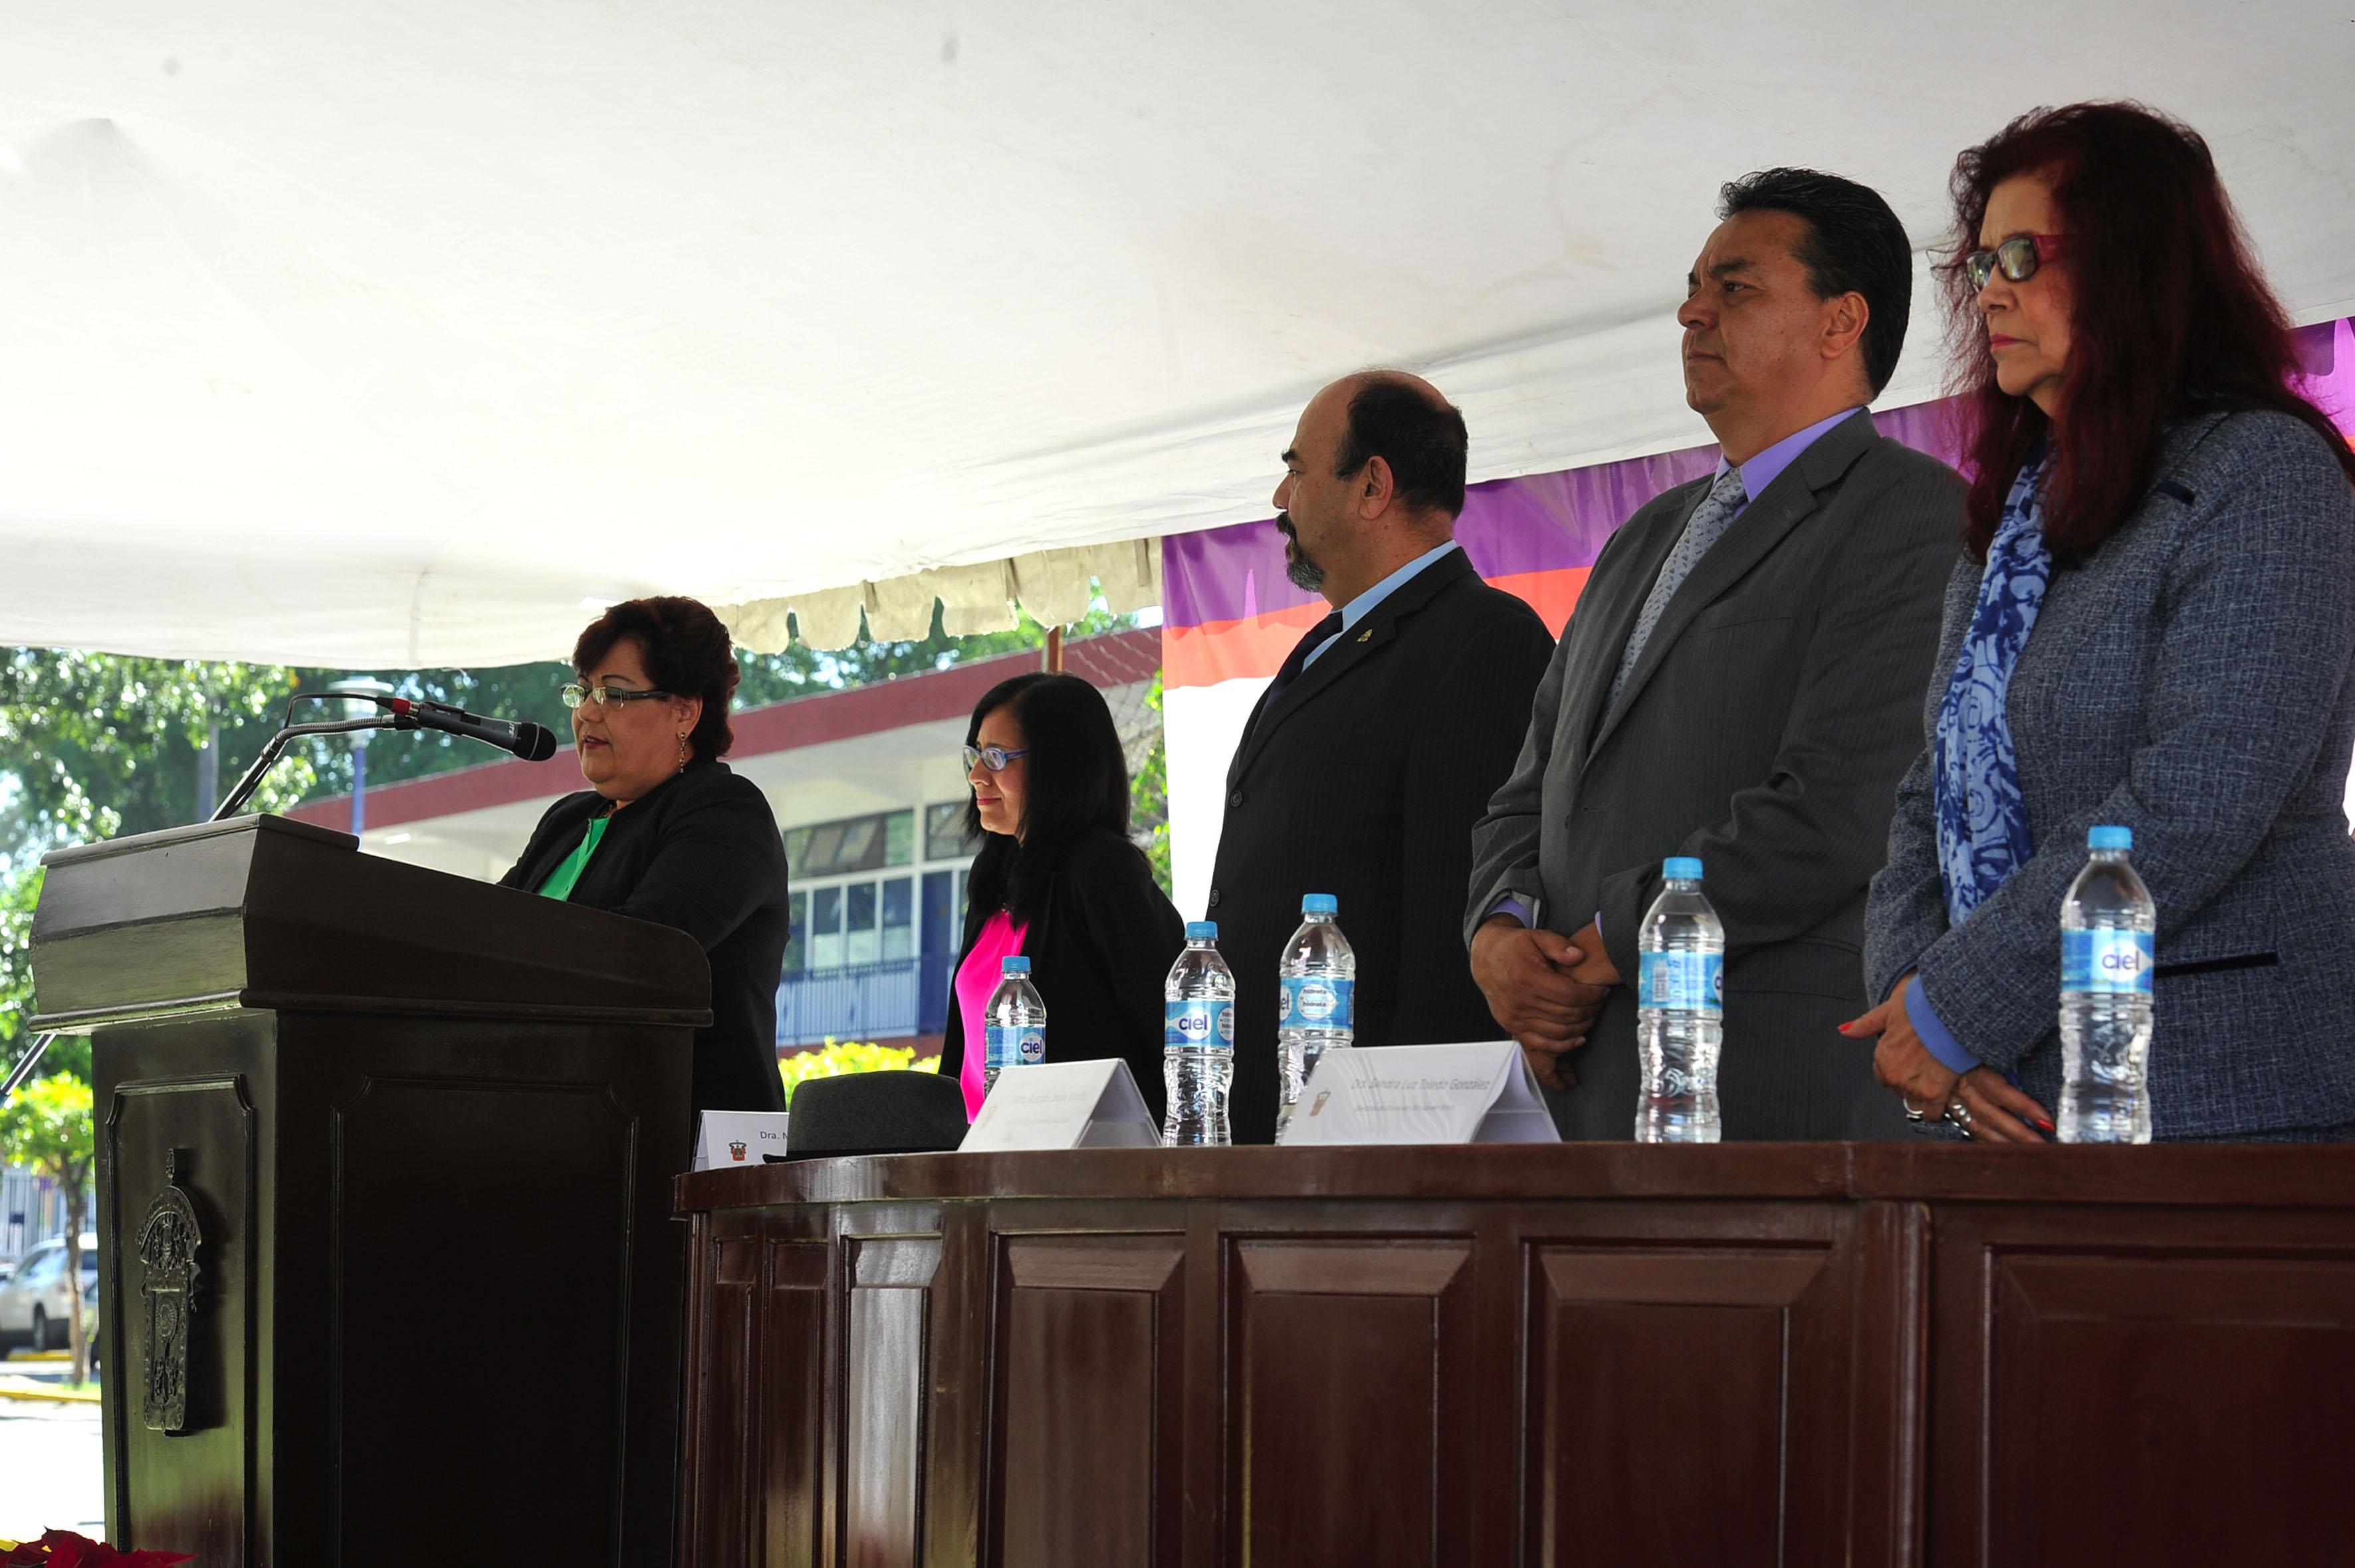 Maestra María de Jesús Haro del Real, coordinadora de Apoyos Académicos del SEMS, con micrófono en podium haciendo uso de la palabra para declarar inagurado los trabajos de la Feria de Innovación Expolitec 2016.